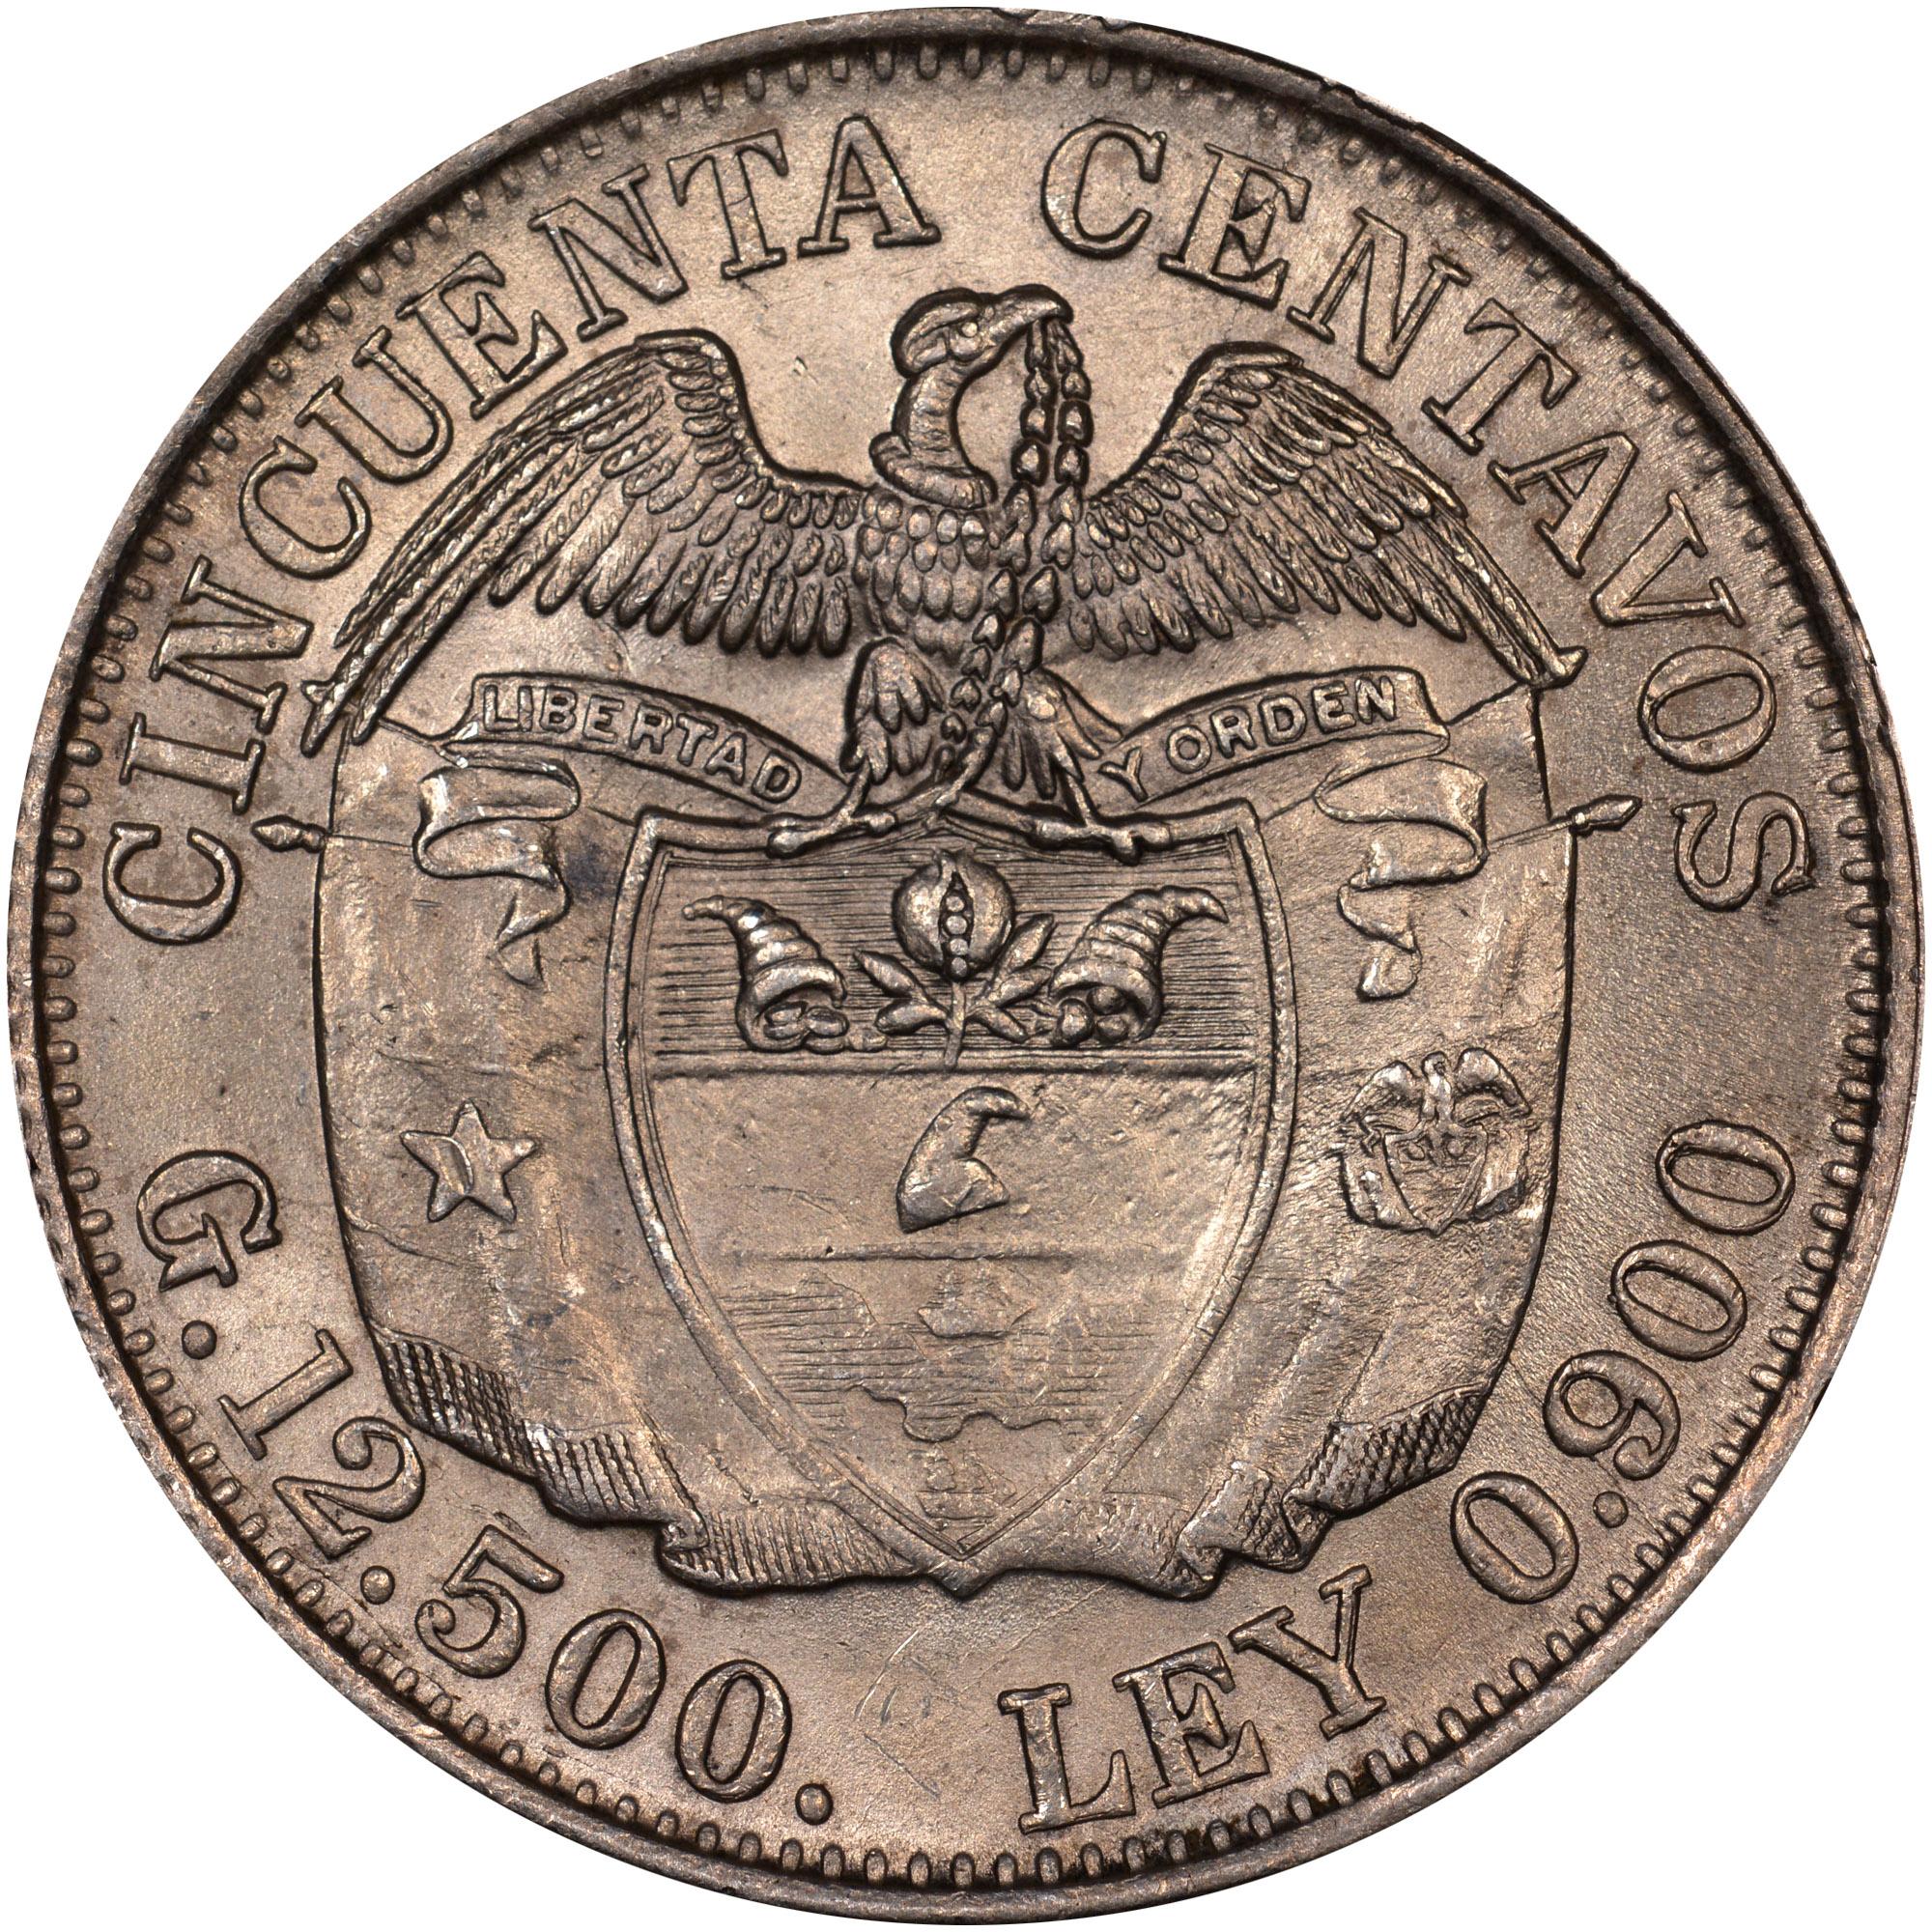 1914-1933/23 Colombia 50 Centavos reverse